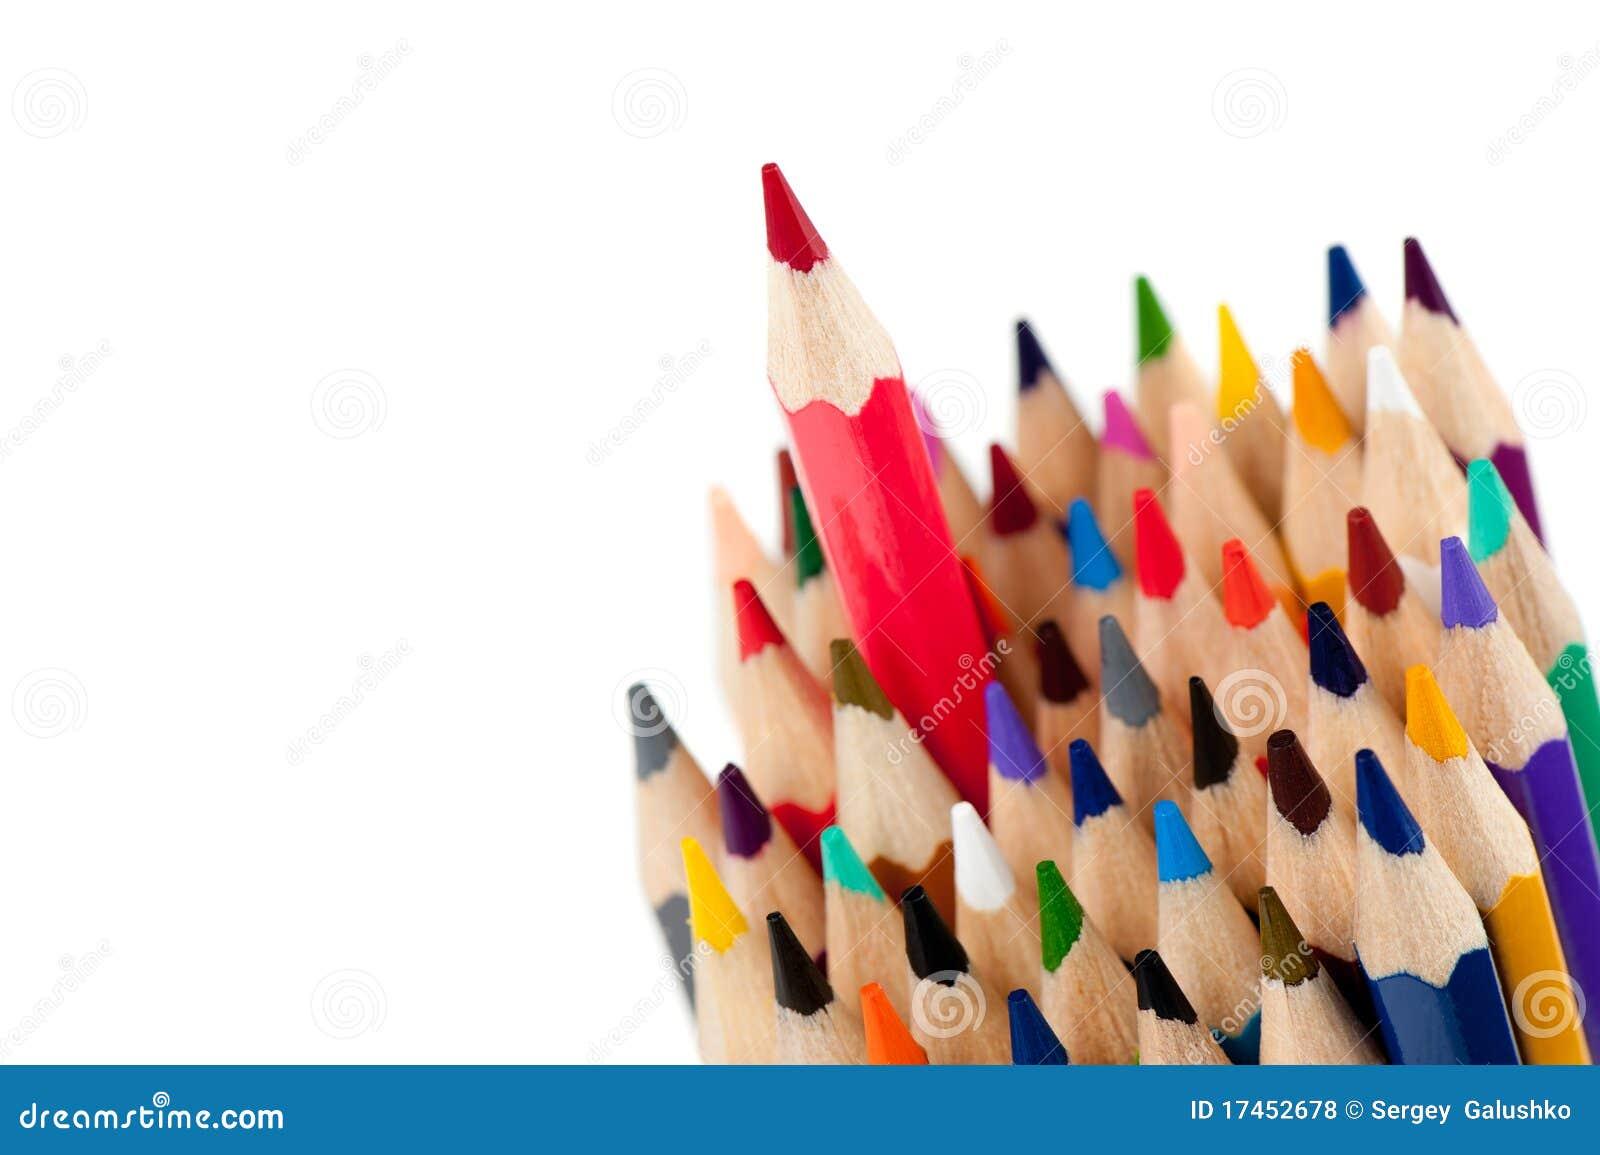 领导先锋铅笔红色